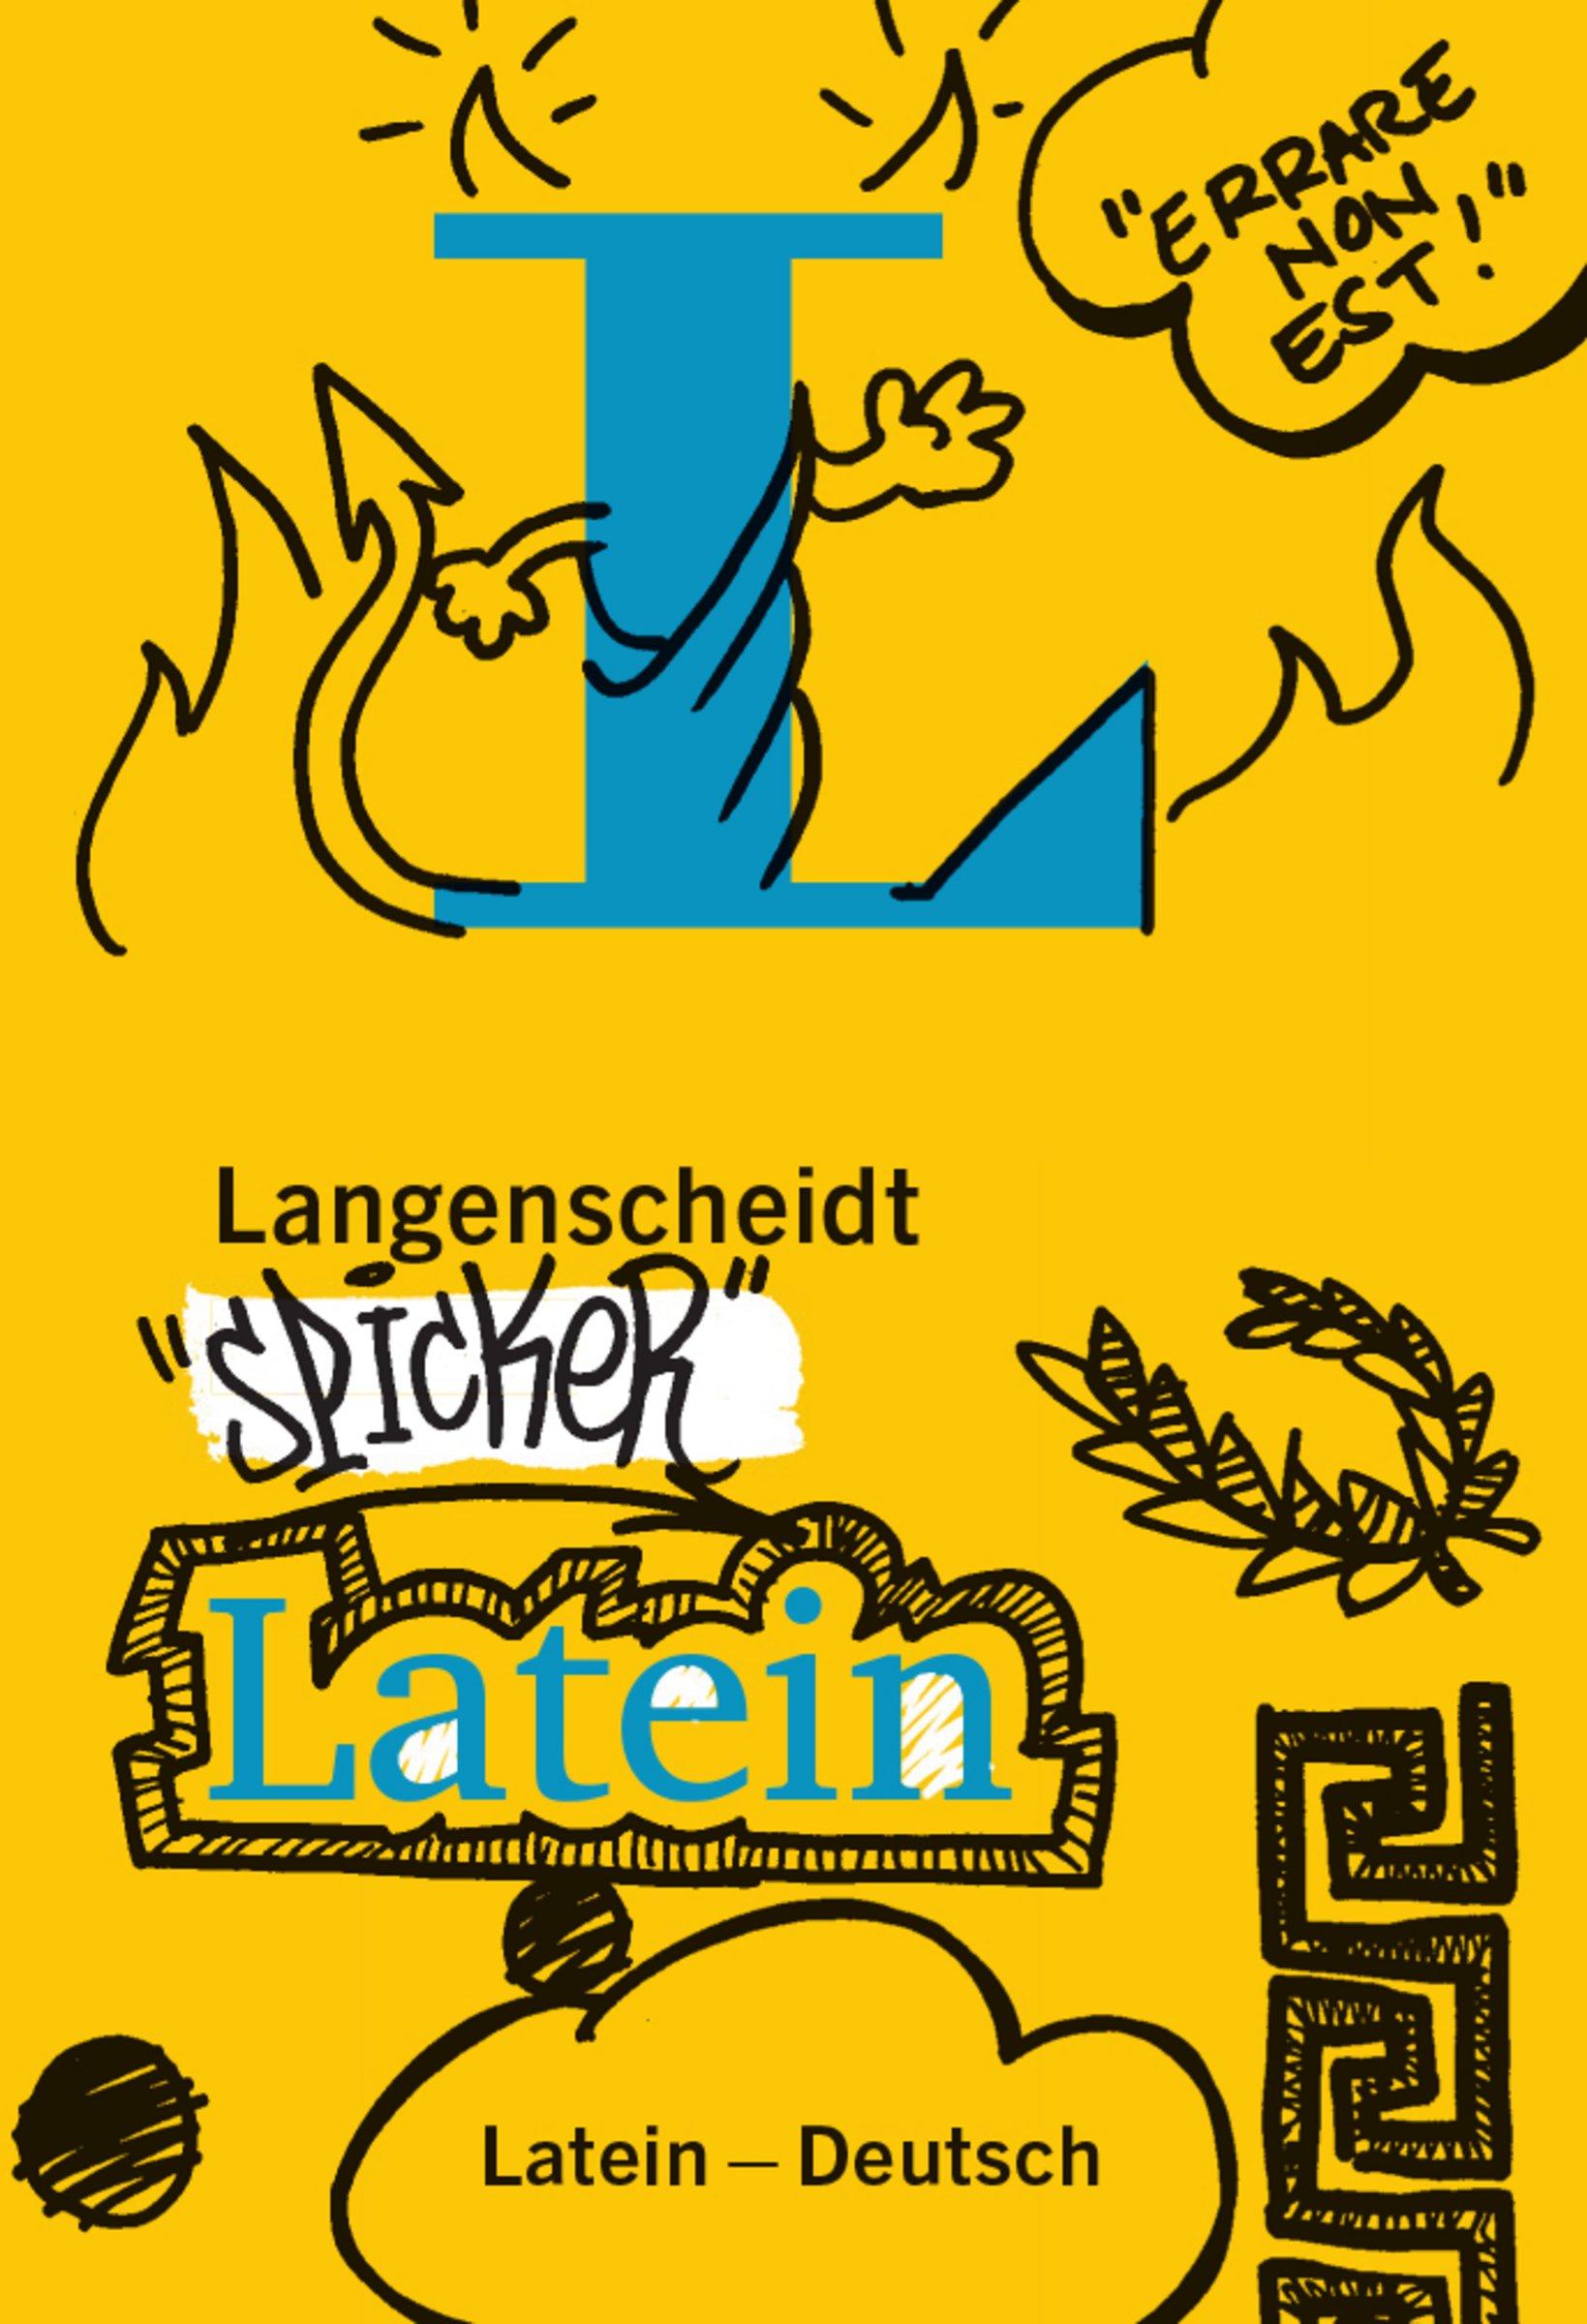 Langenscheidt Spicker Latein: Latein-Deutsch (Latein) Taschenbuch – 2. Juni 2016 Redaktion Langenscheidt 3468134045 Fremdsprachige Wörterbücher Lernhilfen / Abiturwissen